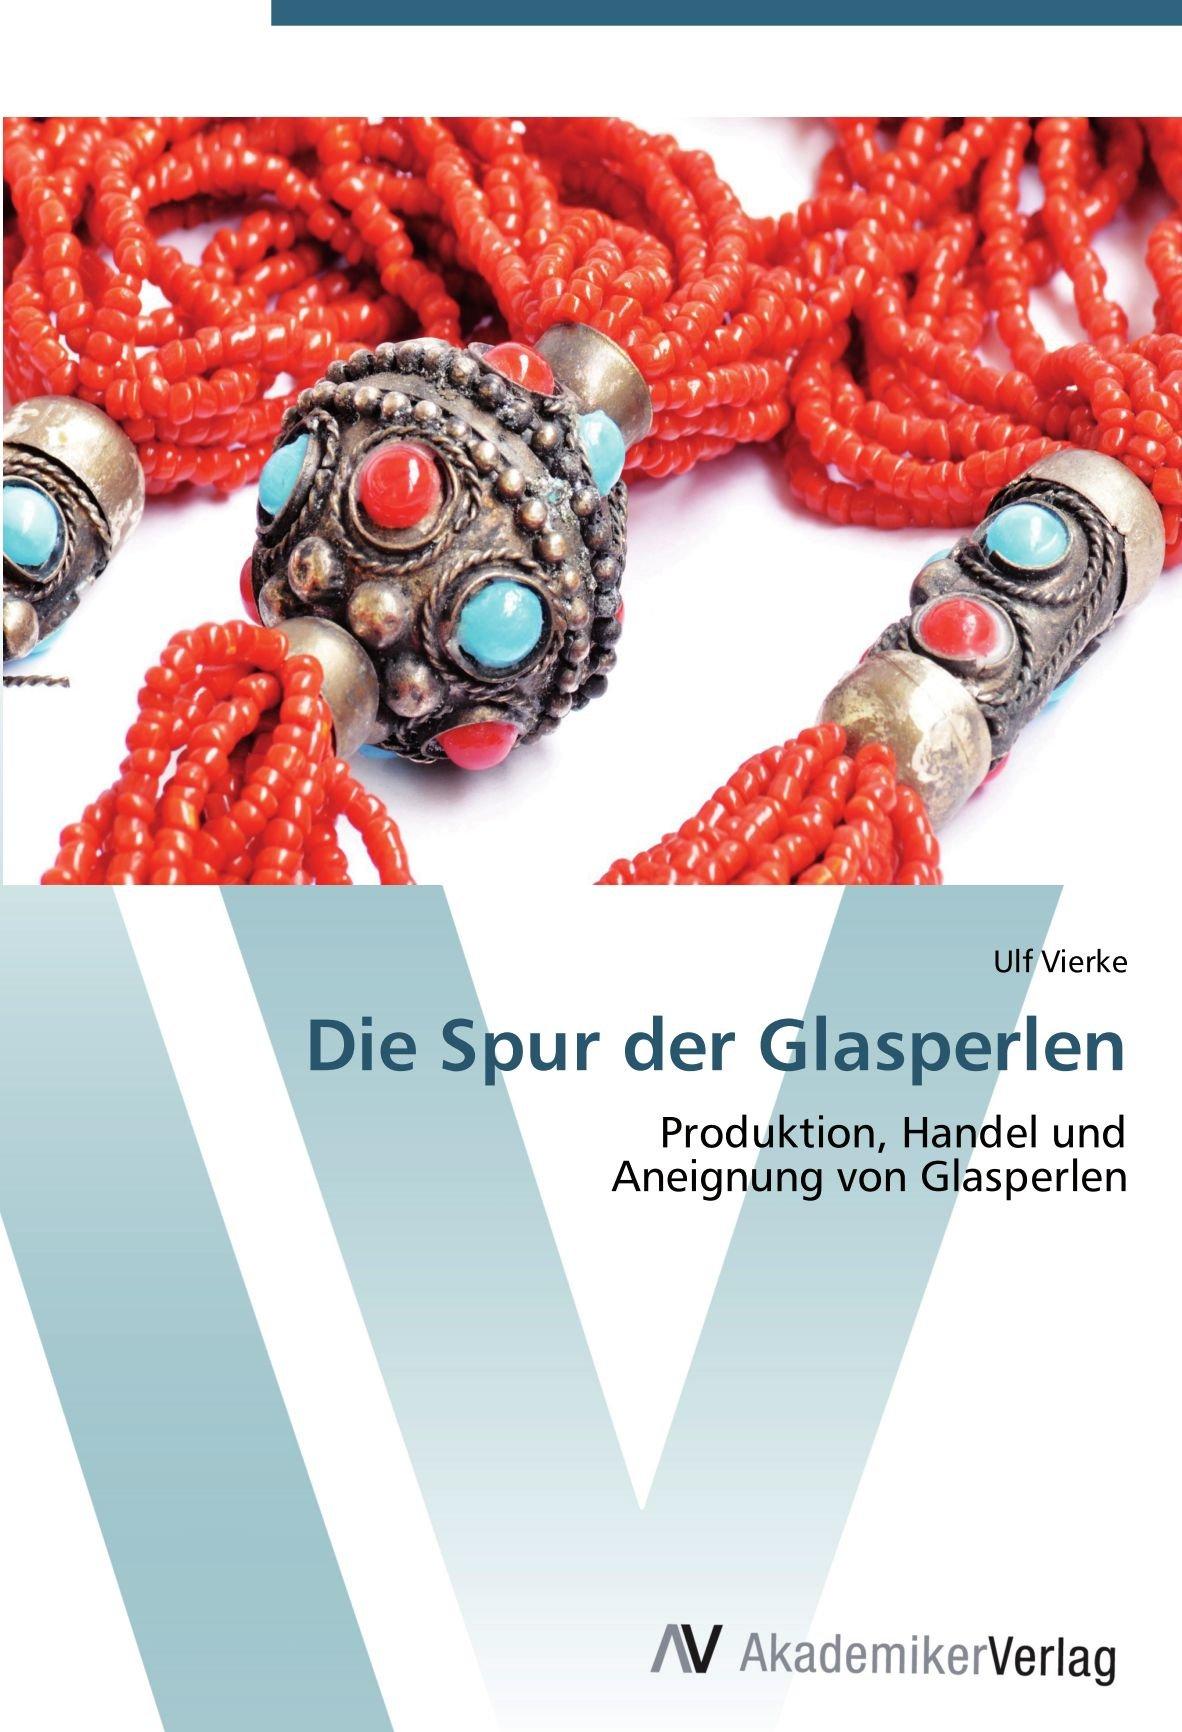 Die Spur der Glasperlen: Produktion, Handel und  Aneignung von Glasperlen (German Edition) ebook